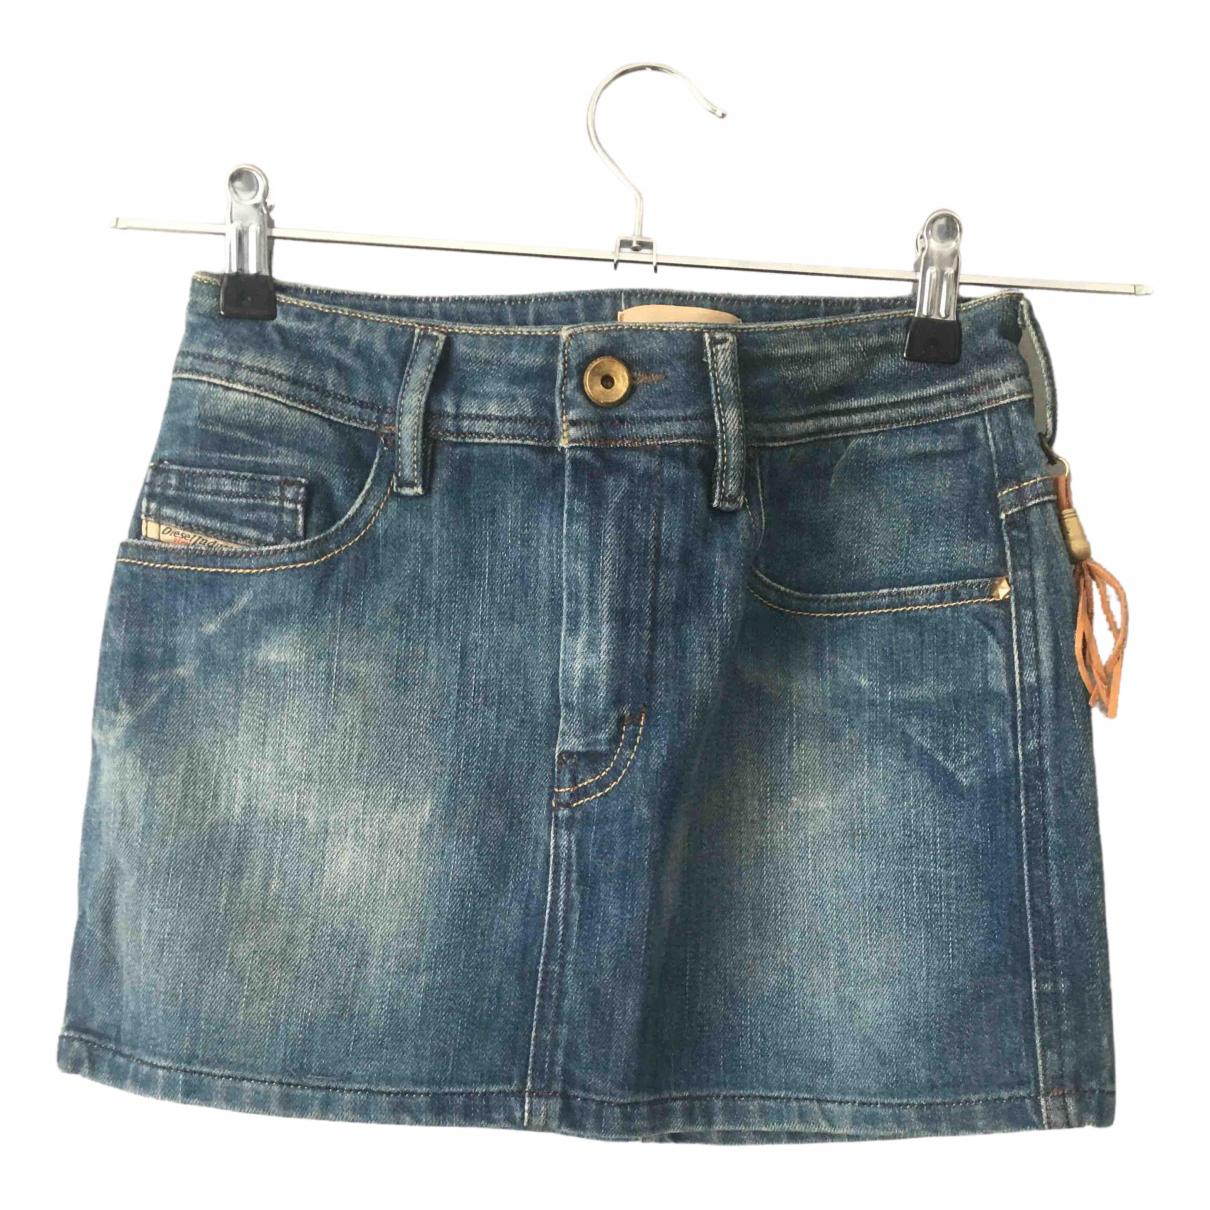 Diesel \N Blue Denim - Jeans skirt for Women 40 IT